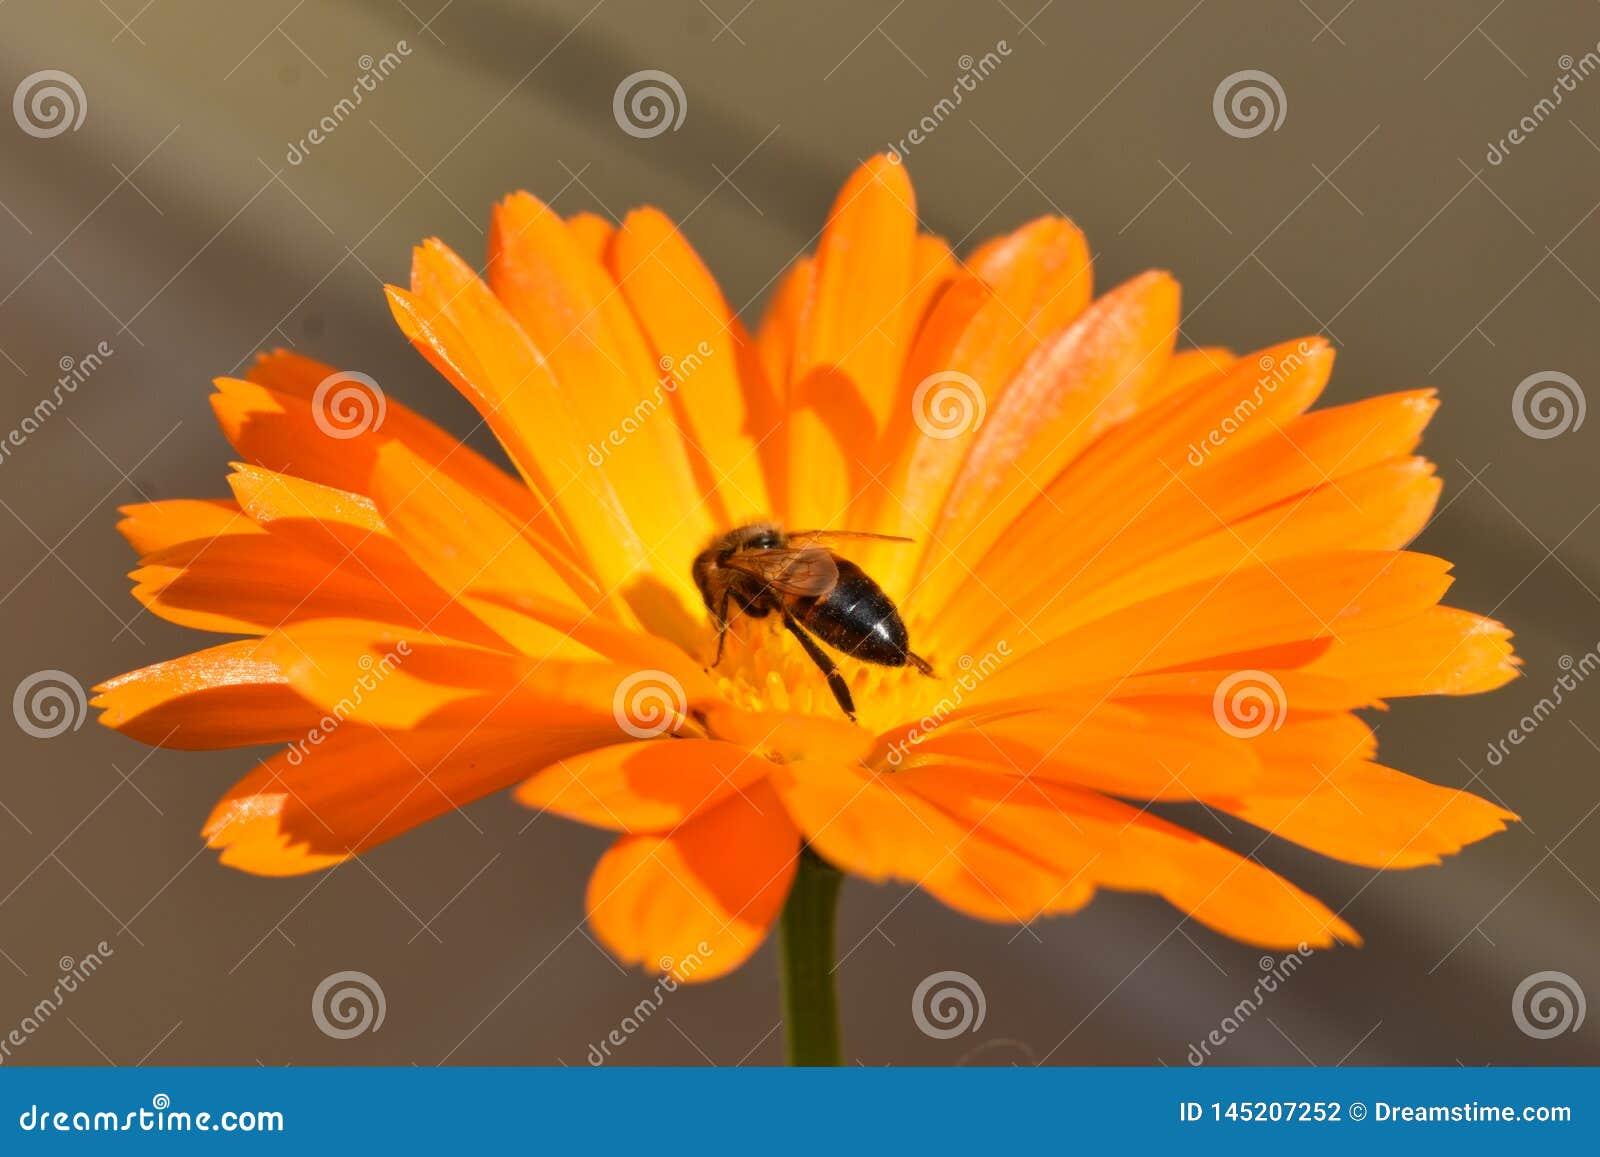 Mała pszczoła na pomarańczowym kwiacie